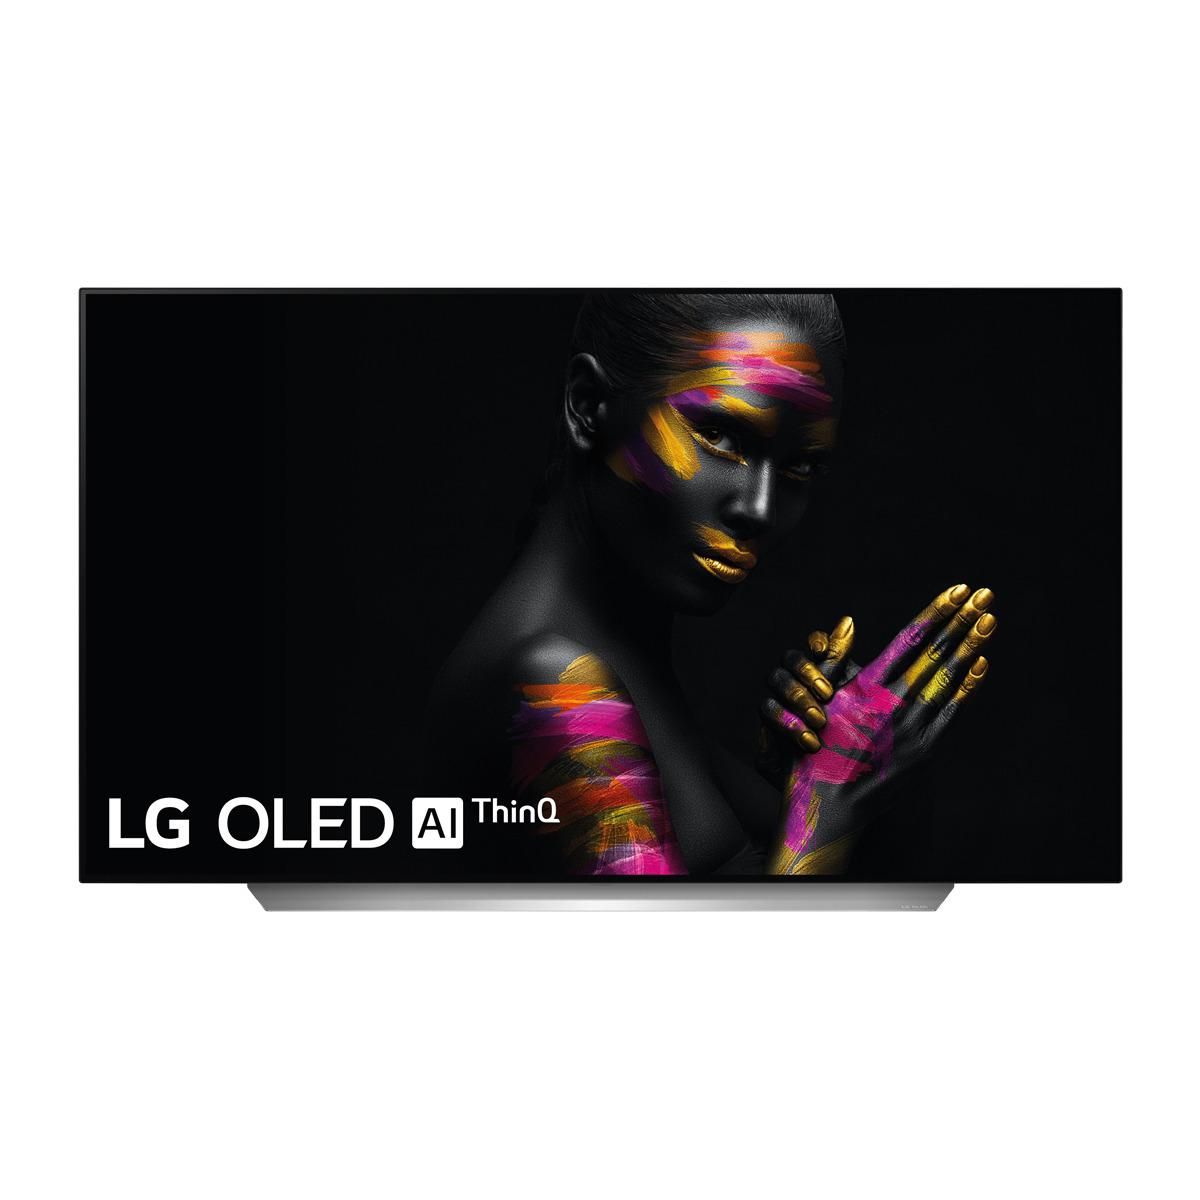 La elección de los jugadores. Sus 65 pulgadas OLED disfrutan de procesamiento de imagen por IA para un escalado a 4K más detallado y brinda 120 Hz para la mejor experiencia de juego, con una actualización G-Sync Compatible ya en camino.